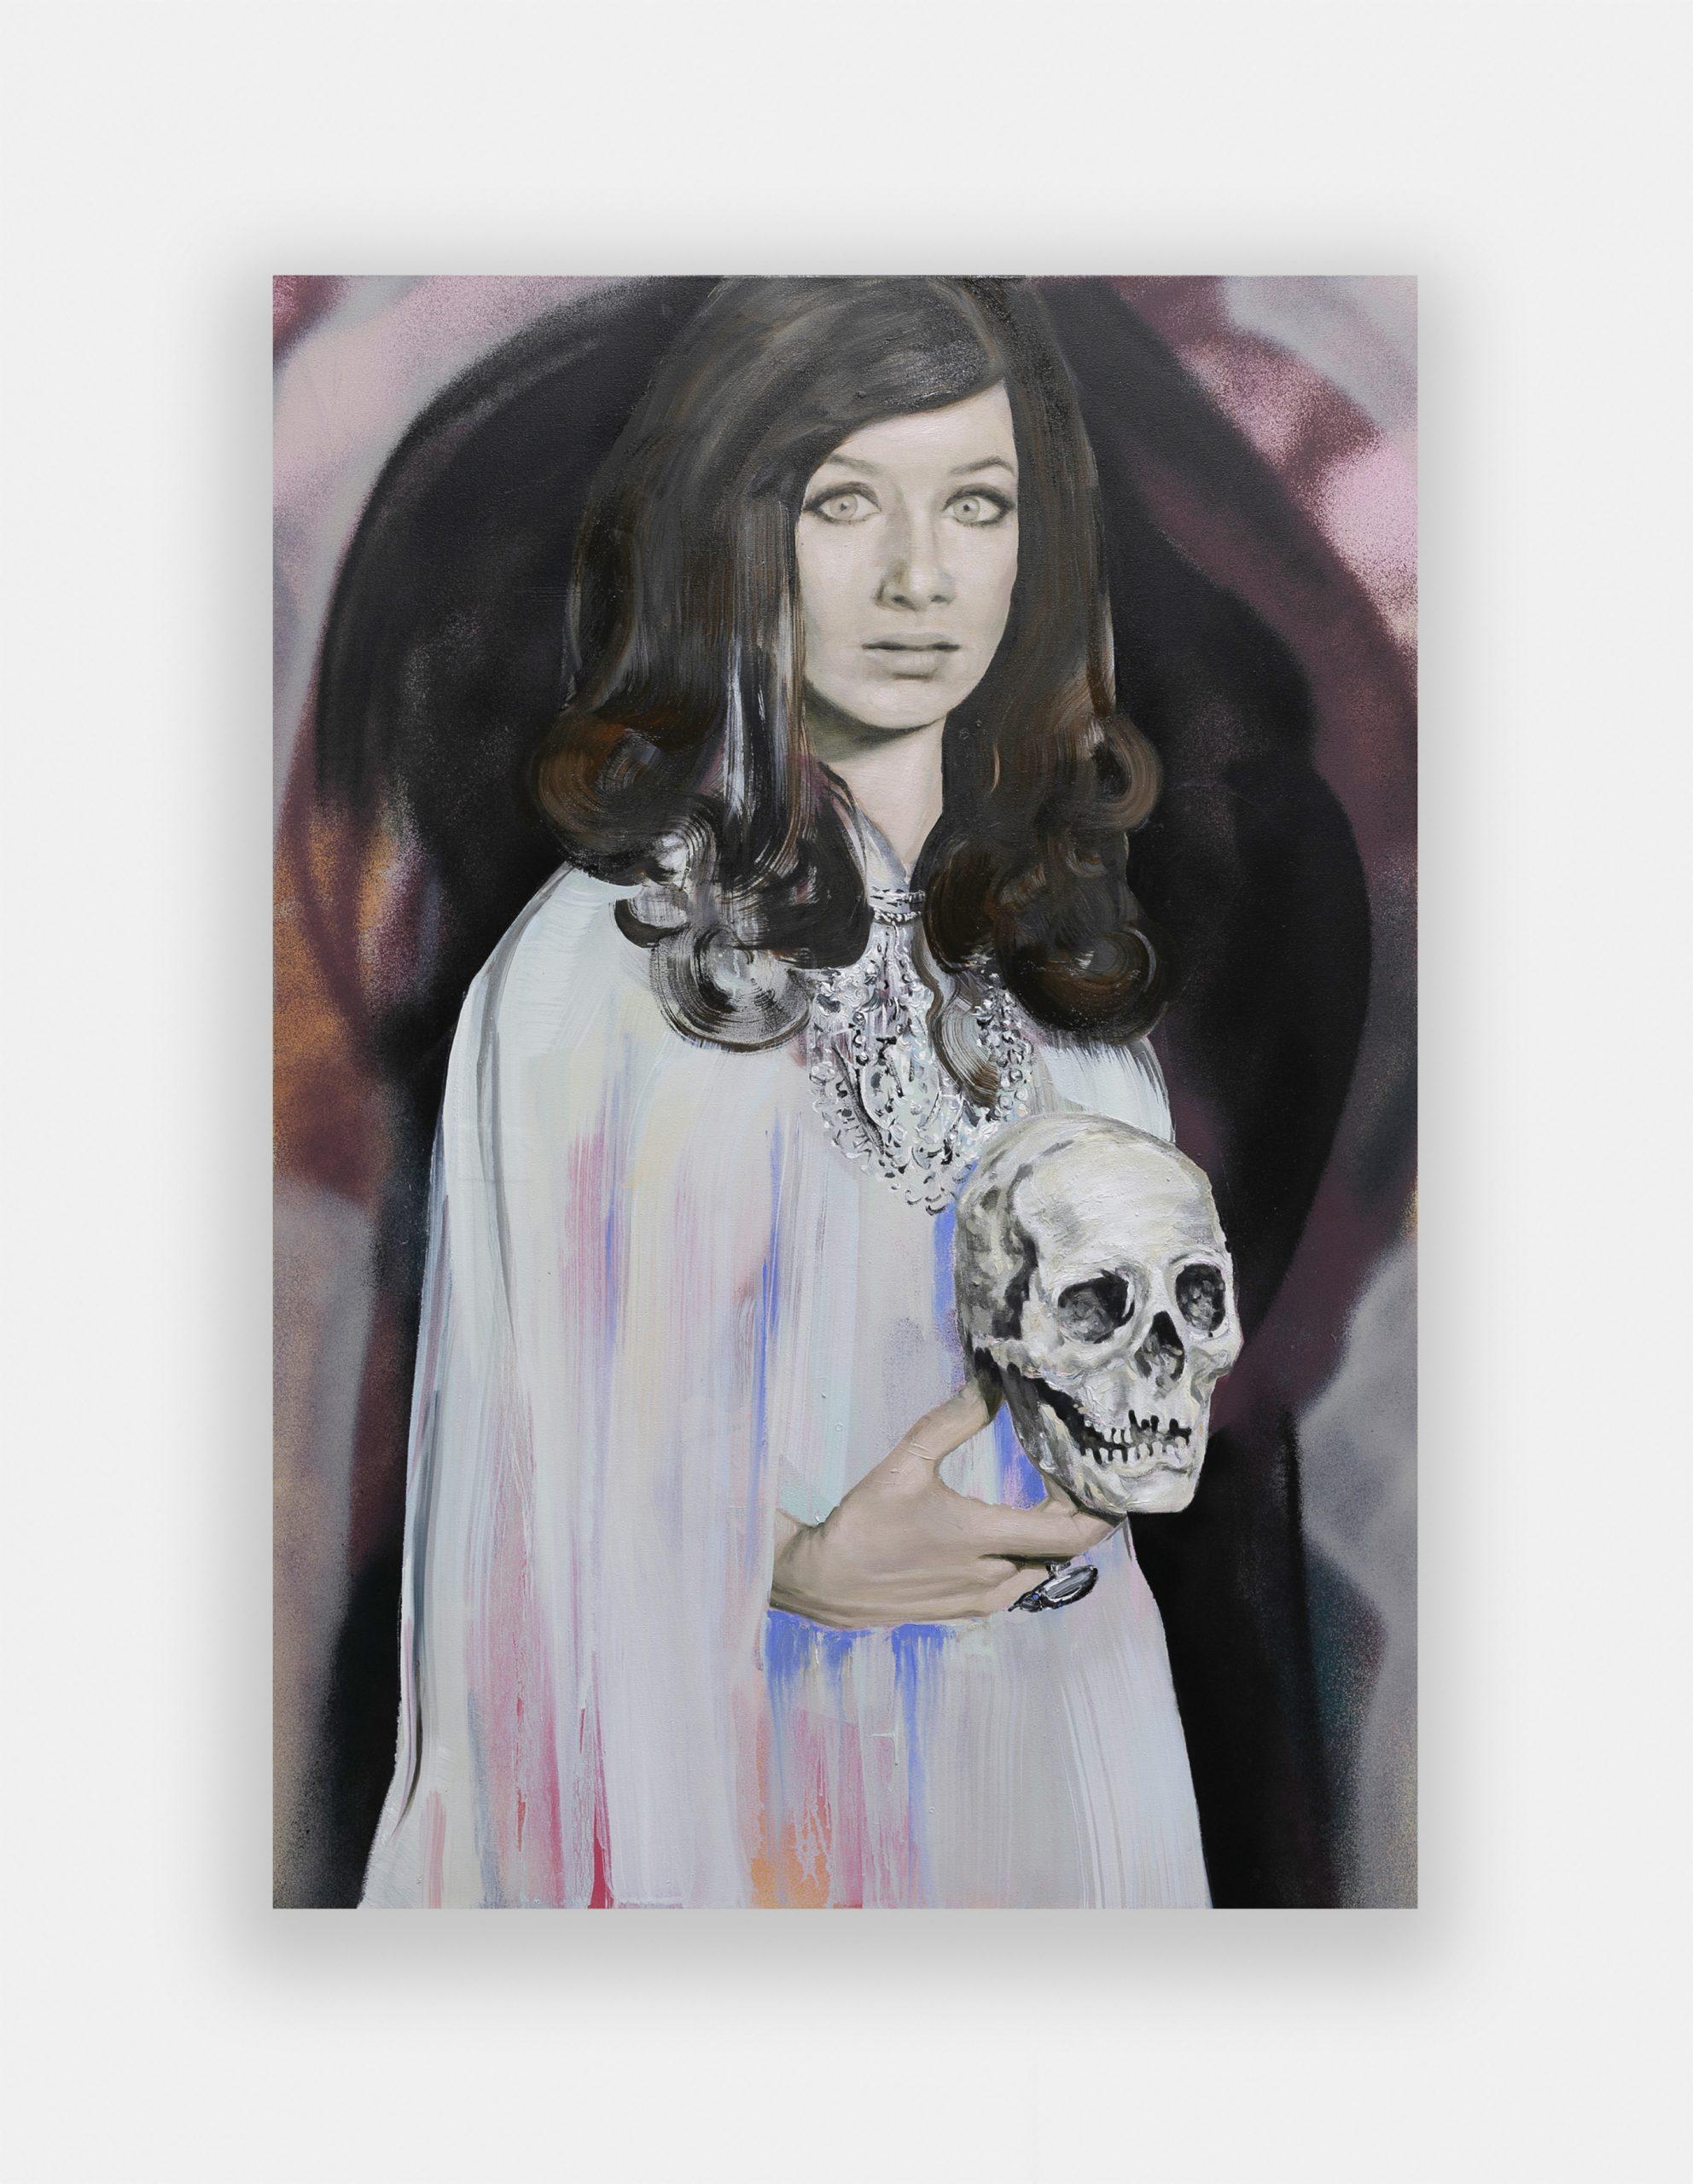 Paulina Olowska, Tera, The Queen, 2021. Courtesy Simon Lee Gallery